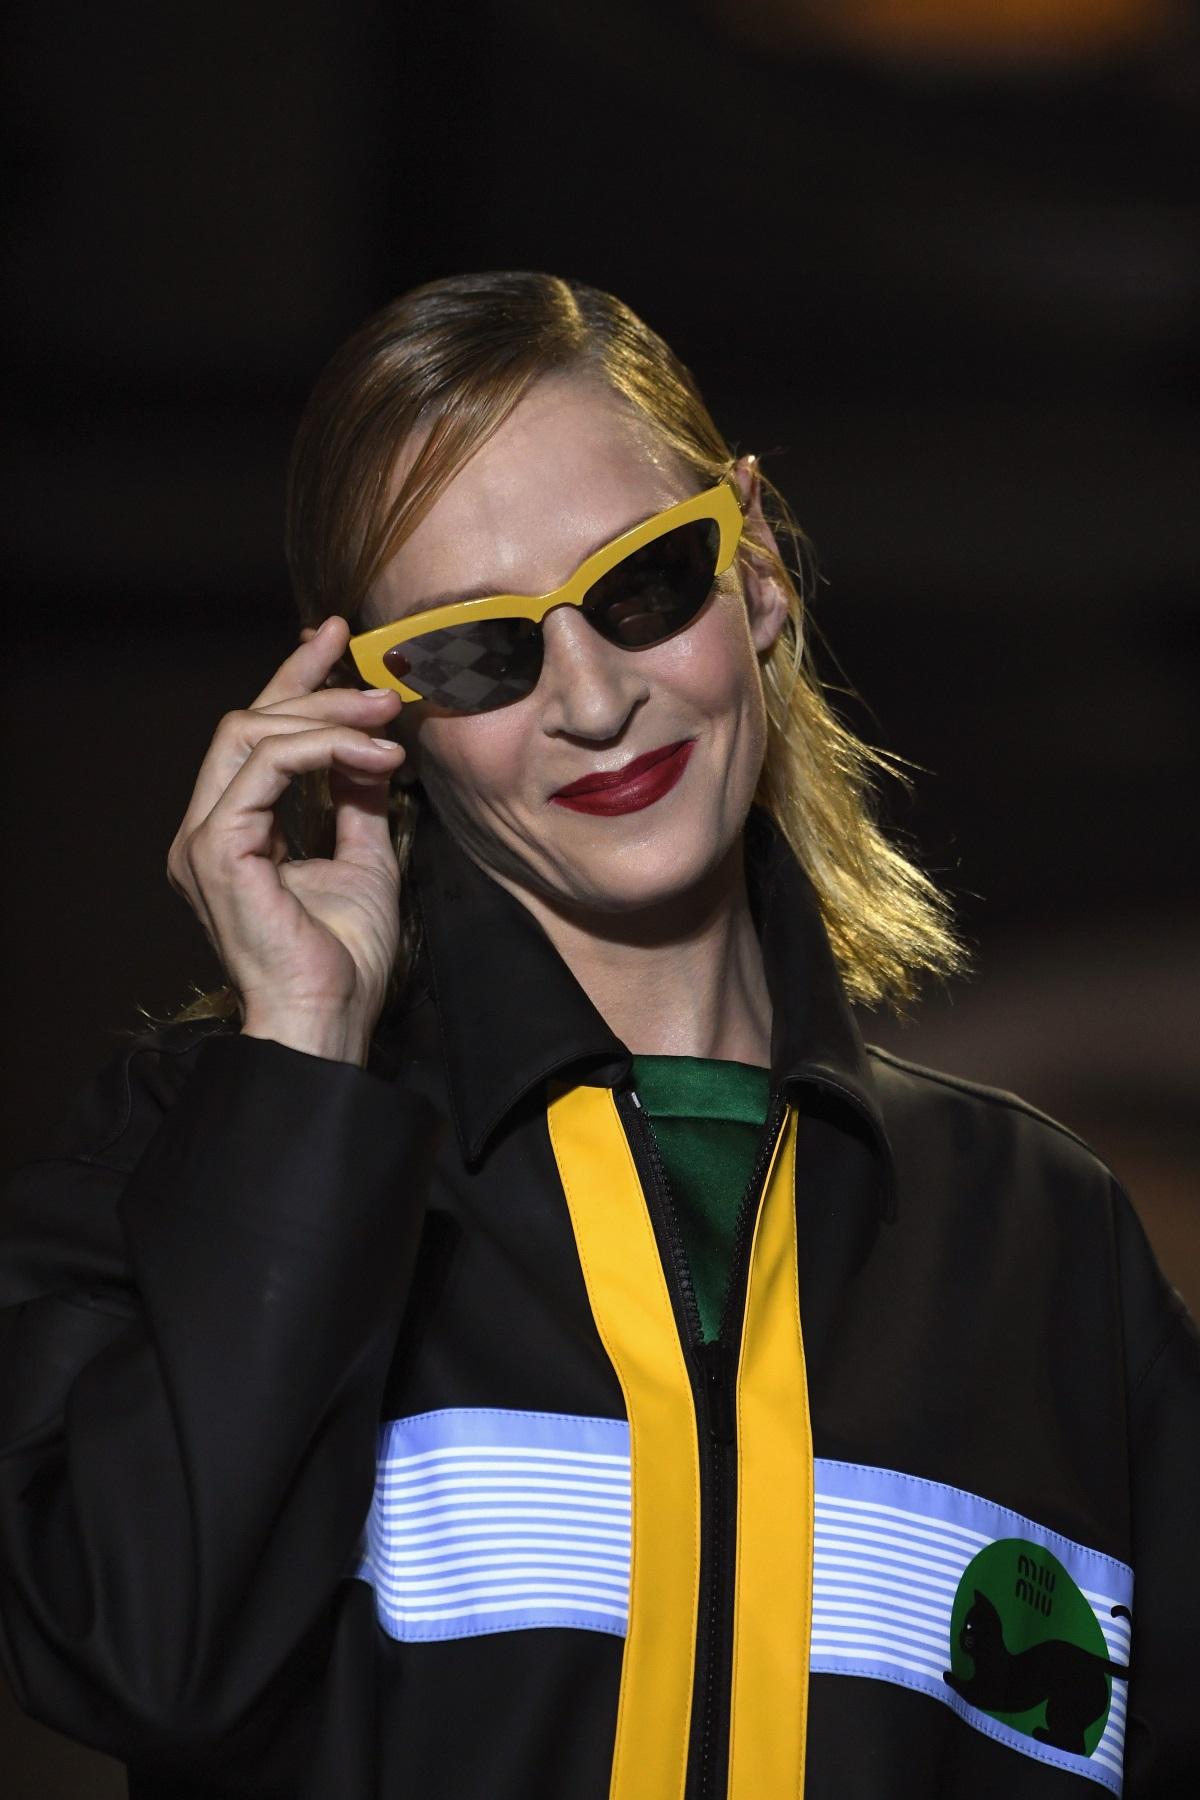 Фризьорите, погрижили се за прическите на моделите от ревюто на италианската марка Miu Miu, заложиха на мокрия ефект в косите. Актрисата Ума Търман също бе част от модното шоу.